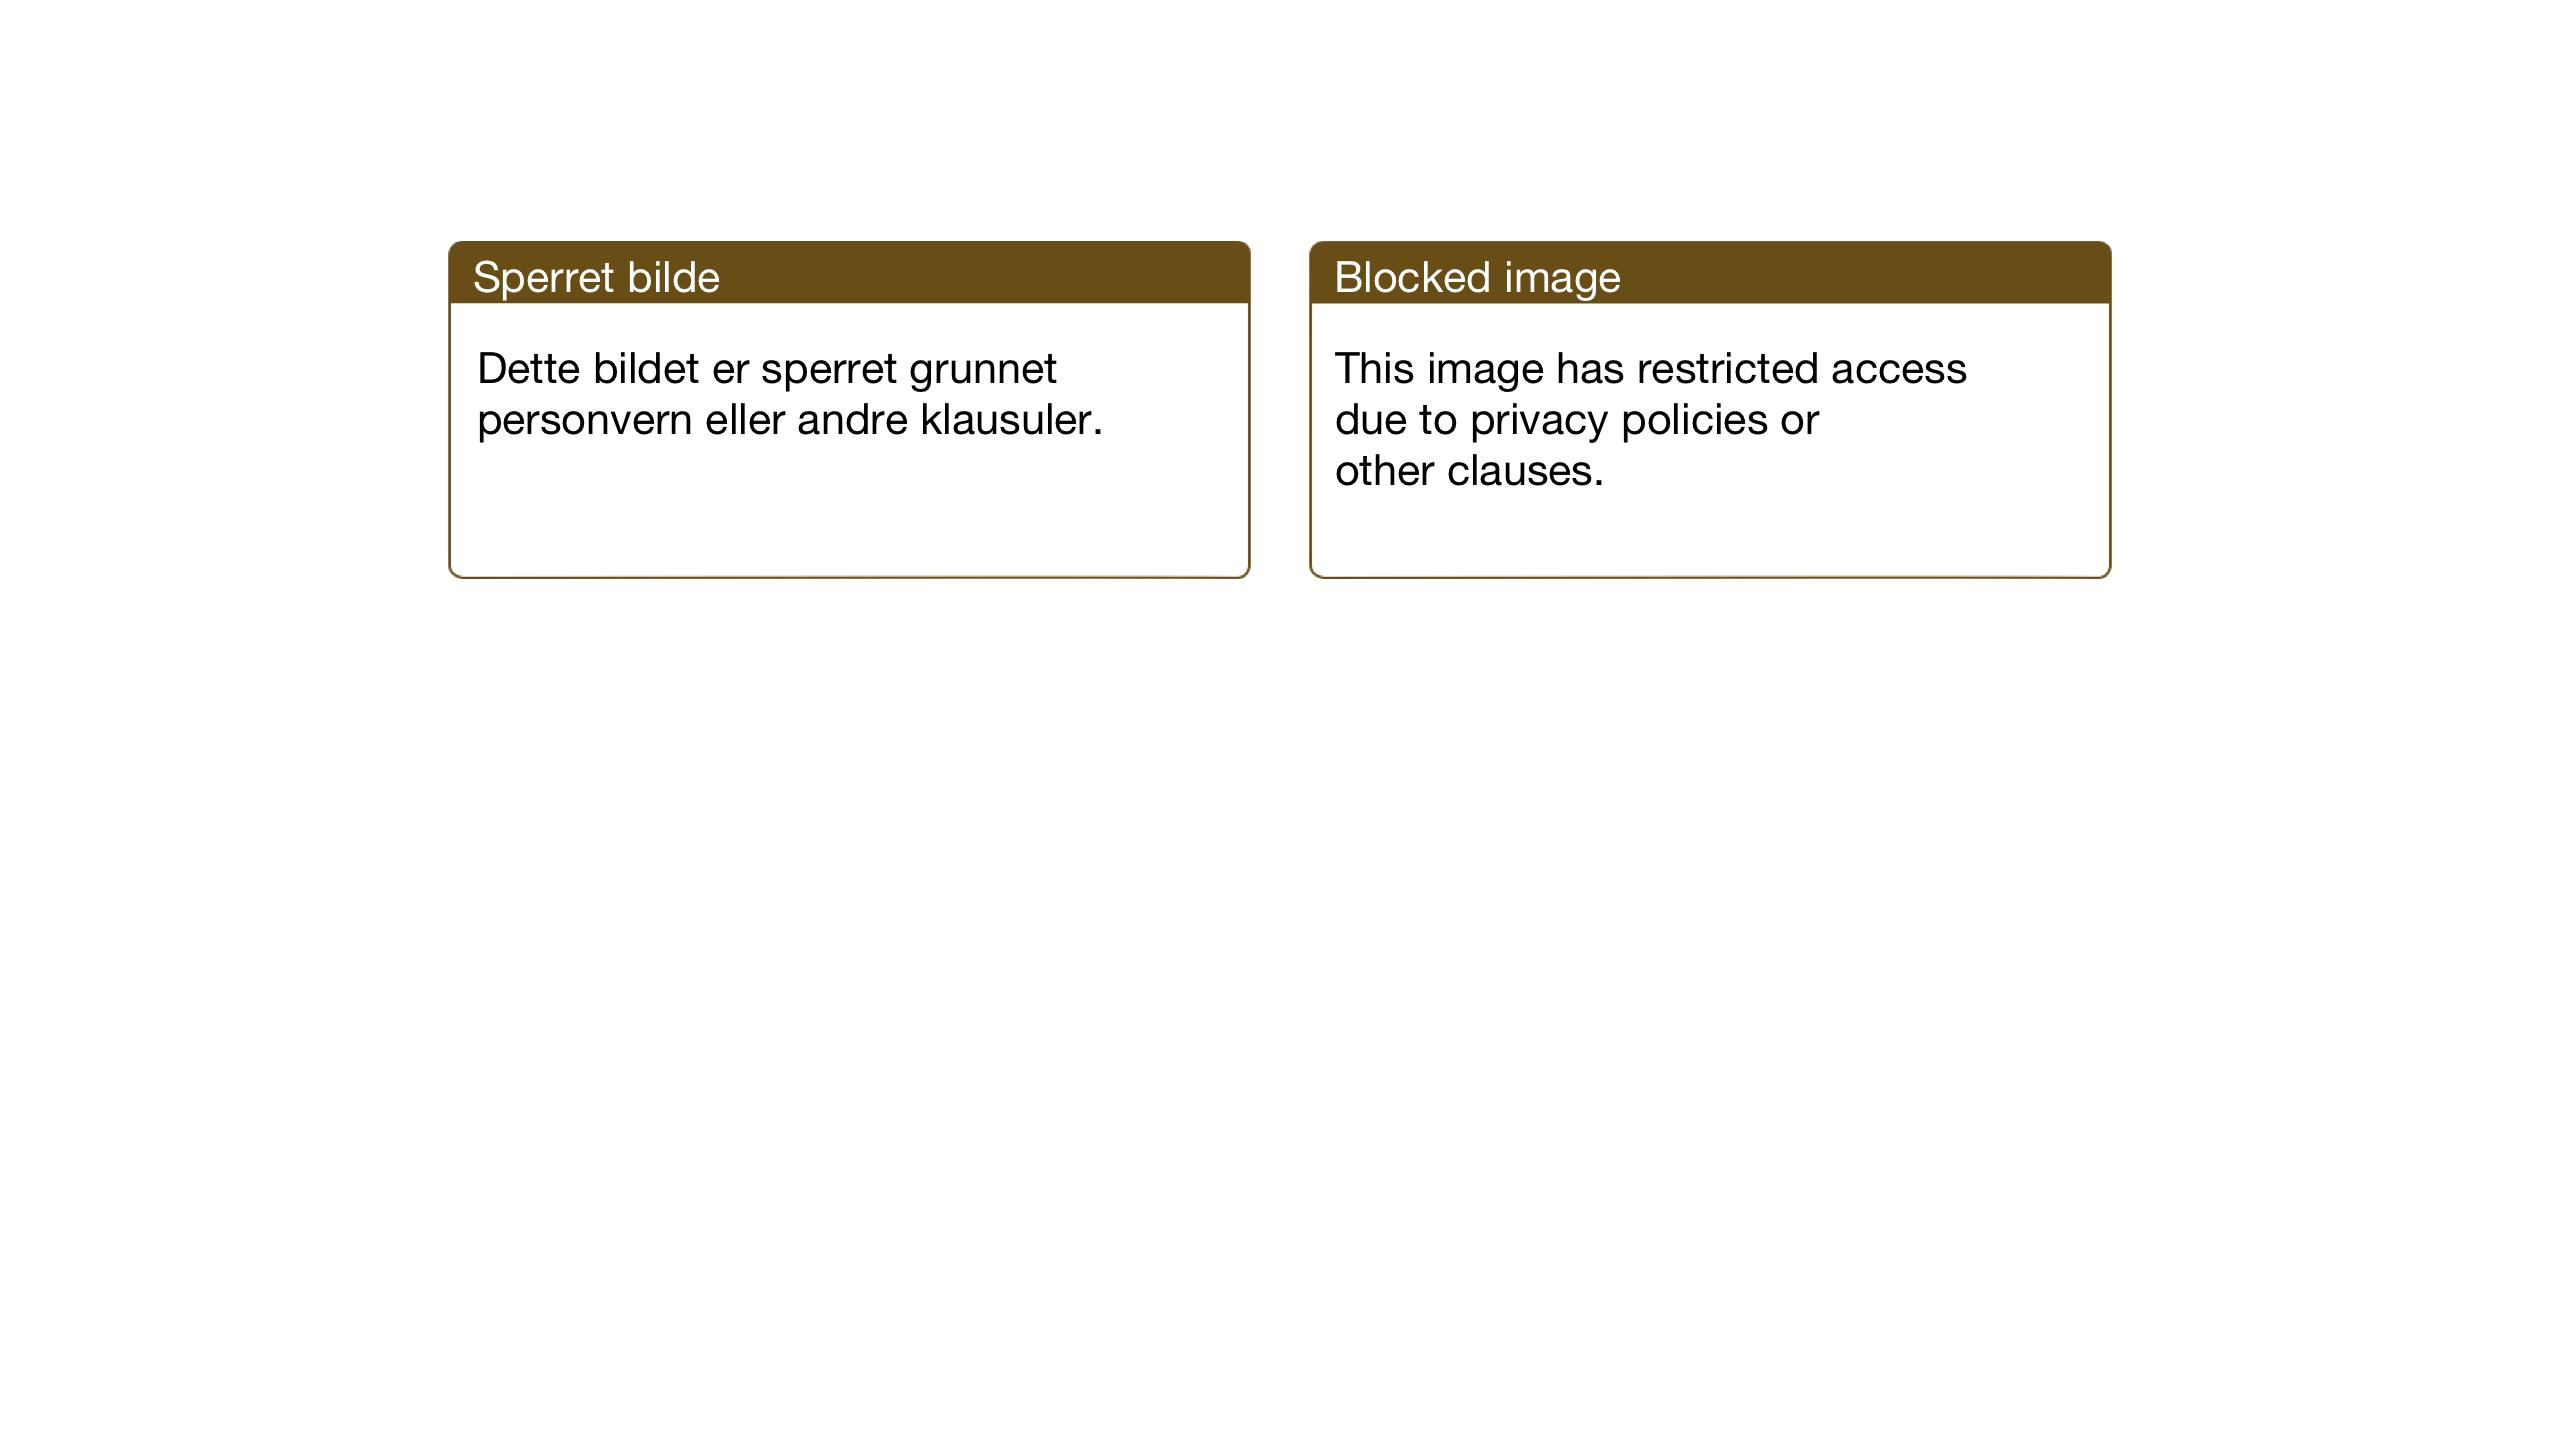 SAT, Ministerialprotokoller, klokkerbøker og fødselsregistre - Sør-Trøndelag, 674/L0878: Klokkerbok nr. 674C05, 1941-1950, s. 26